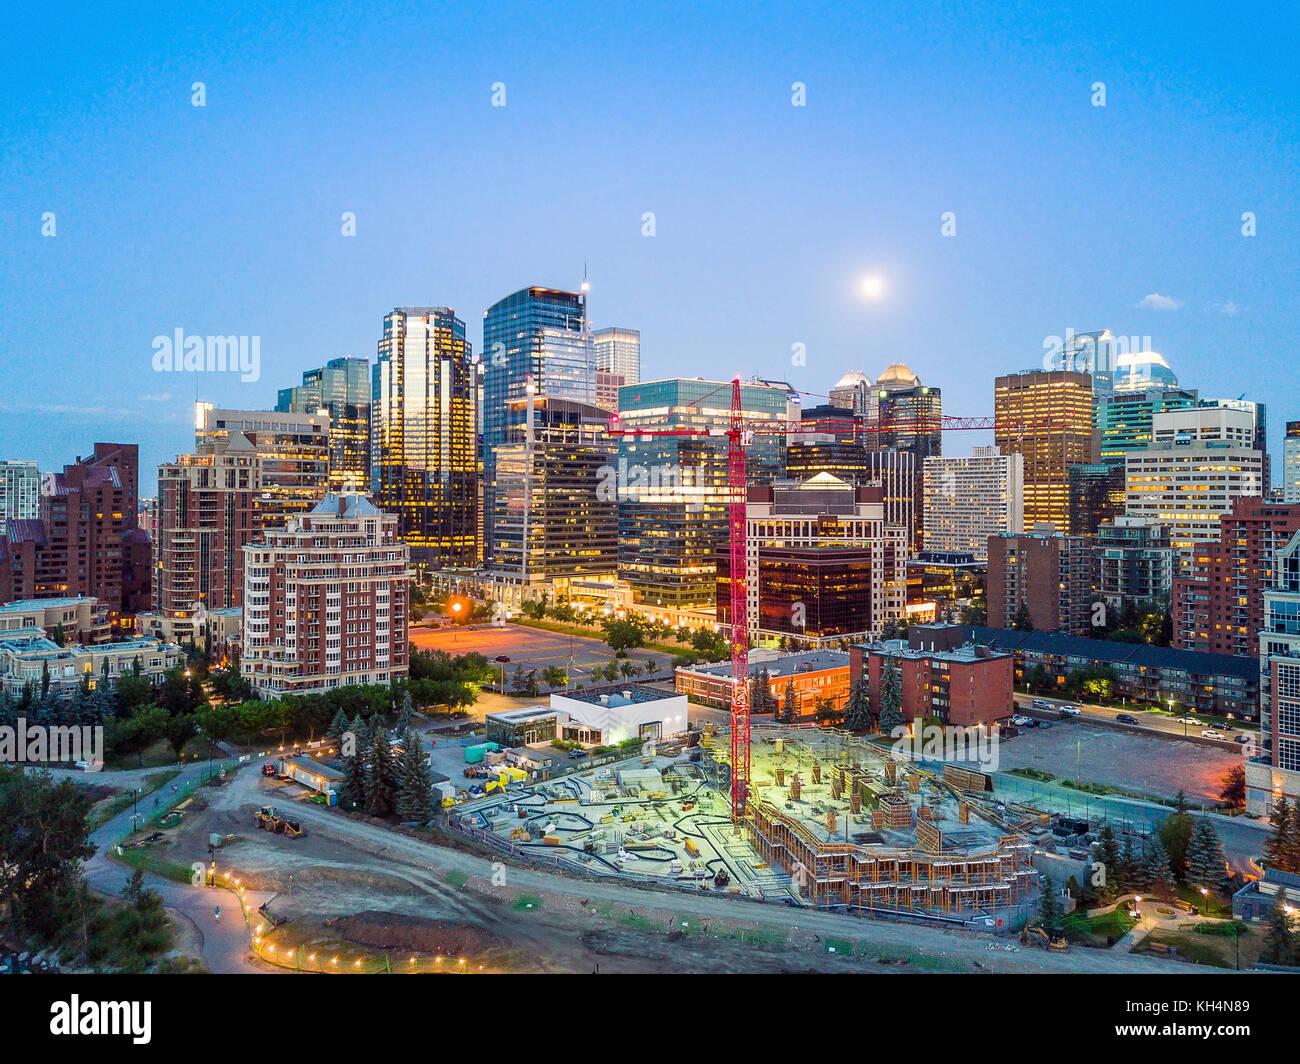 Downtown Calgary con sito in costruzione lungo il fiume, Alberta, Canada Immagini Stock